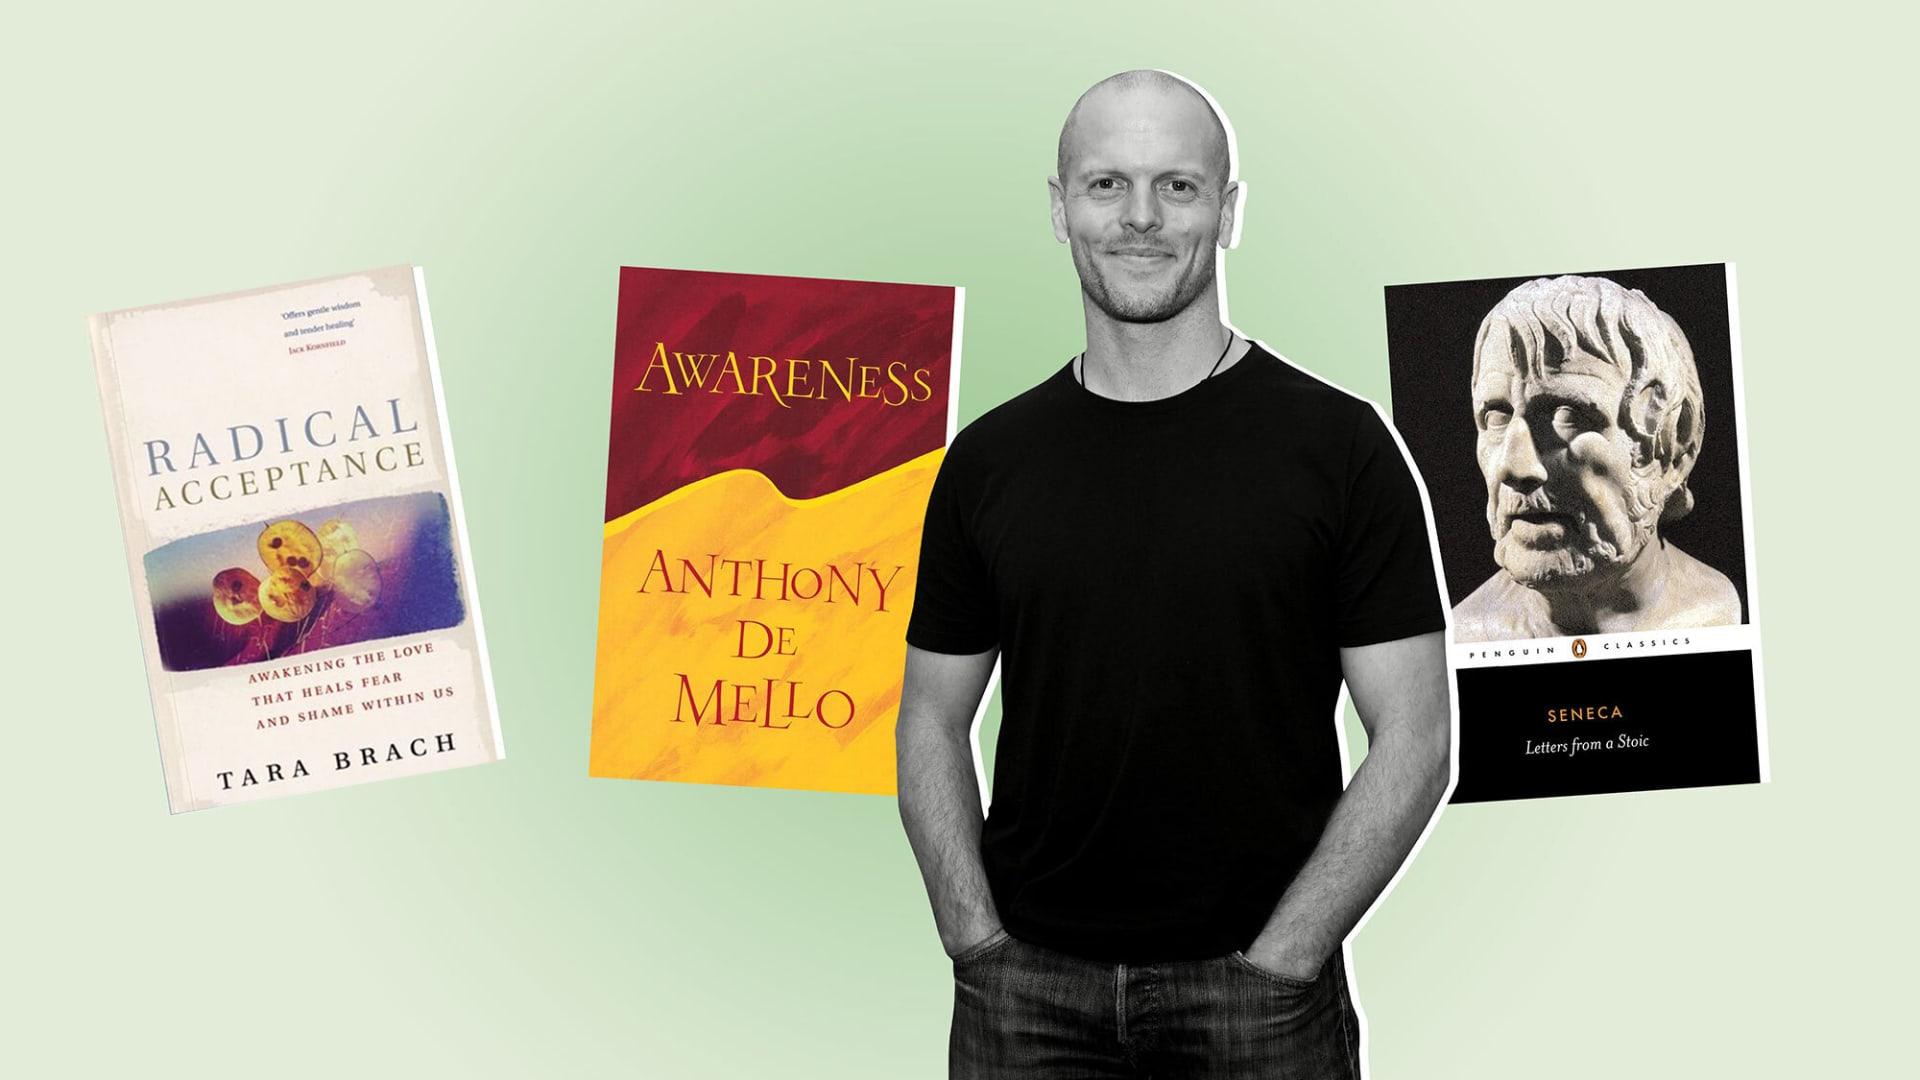 Тім Ферріс порадив 3 книги, які вчать справлятися з труднощами - porady, news, knygy